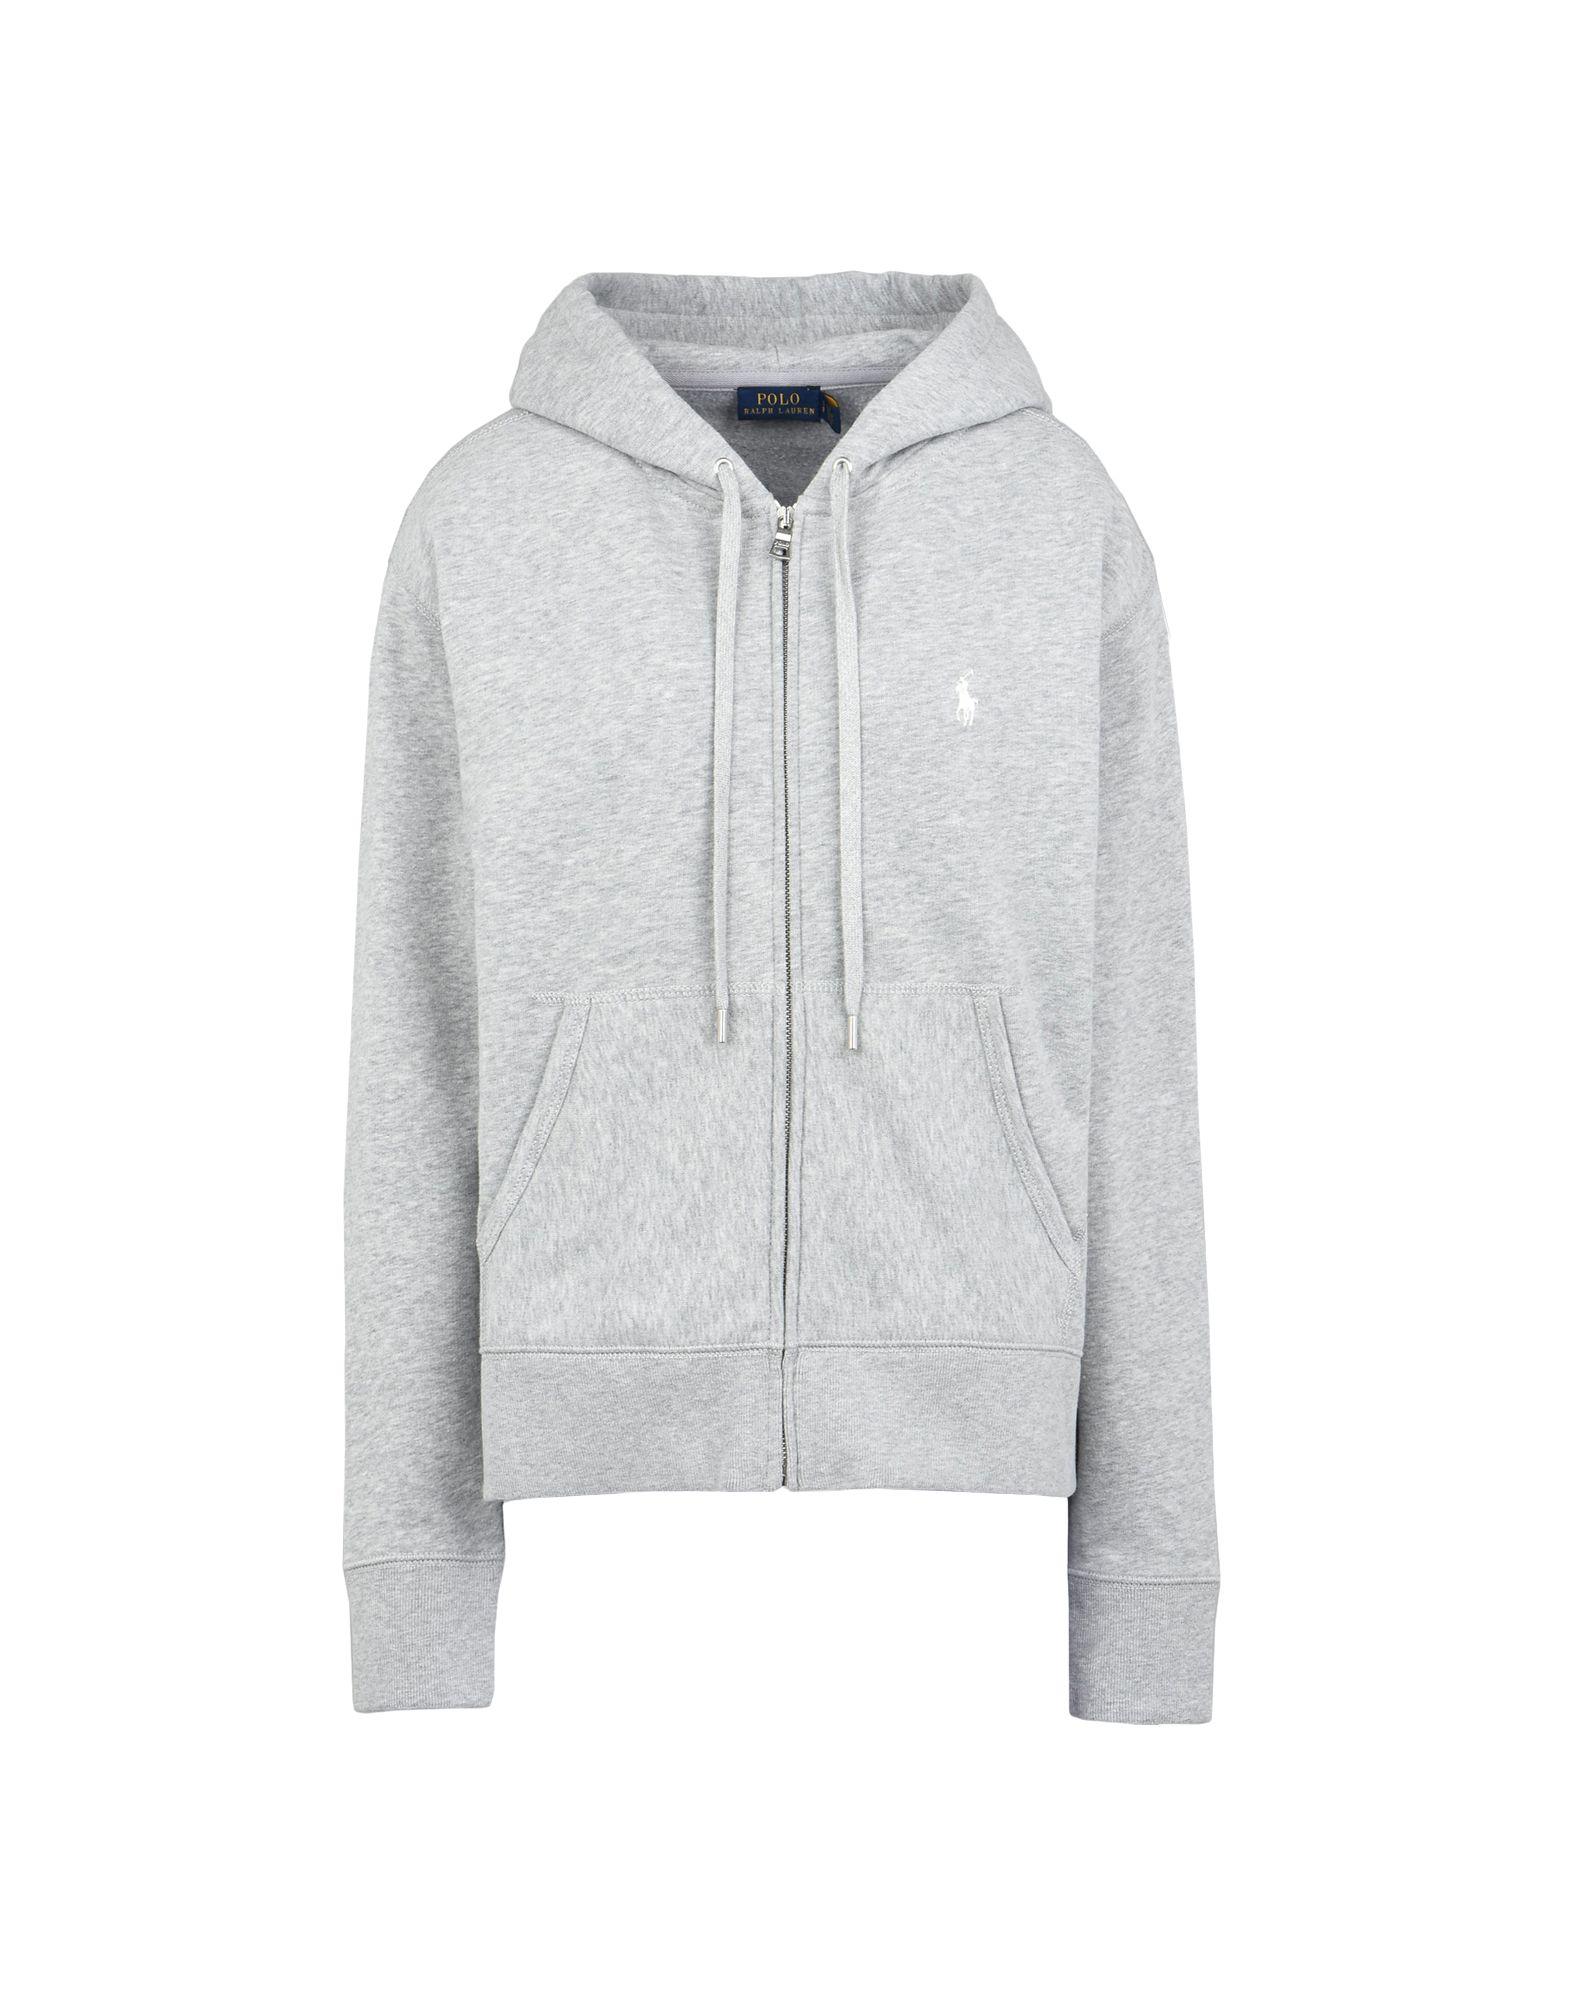 Felpa Polo Ralph Lauren Light Weight Fleece - Donna - Acquista online su M7hoA1bmBM